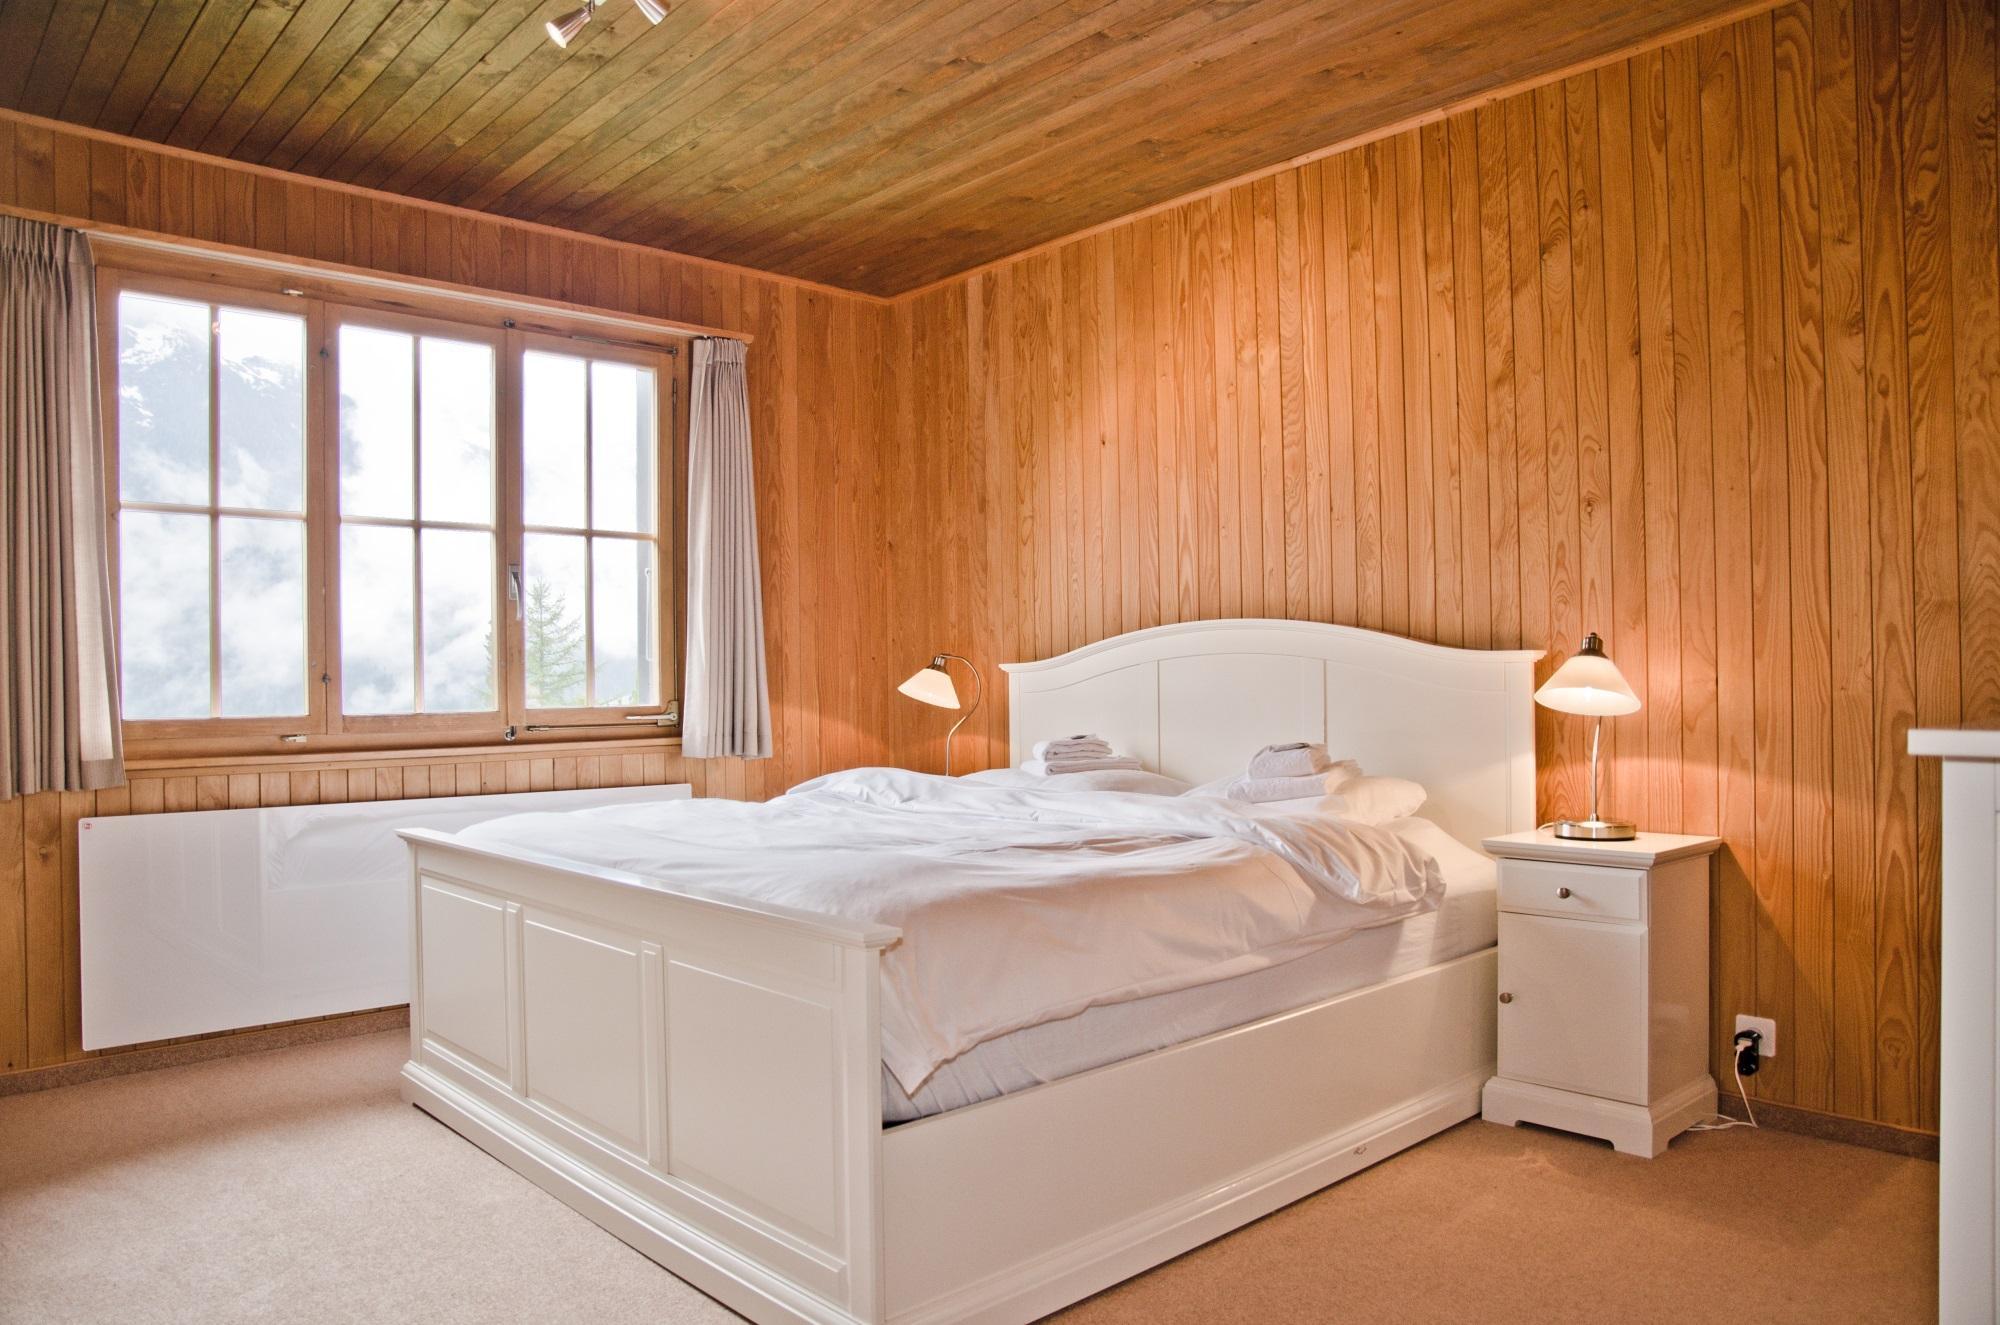 Ferienwohnung Zita 6 Bett Wohnung Obj. GRIWA6016 (918273), Grindelwald, Jungfrauregion, Berner Oberland, Schweiz, Bild 7